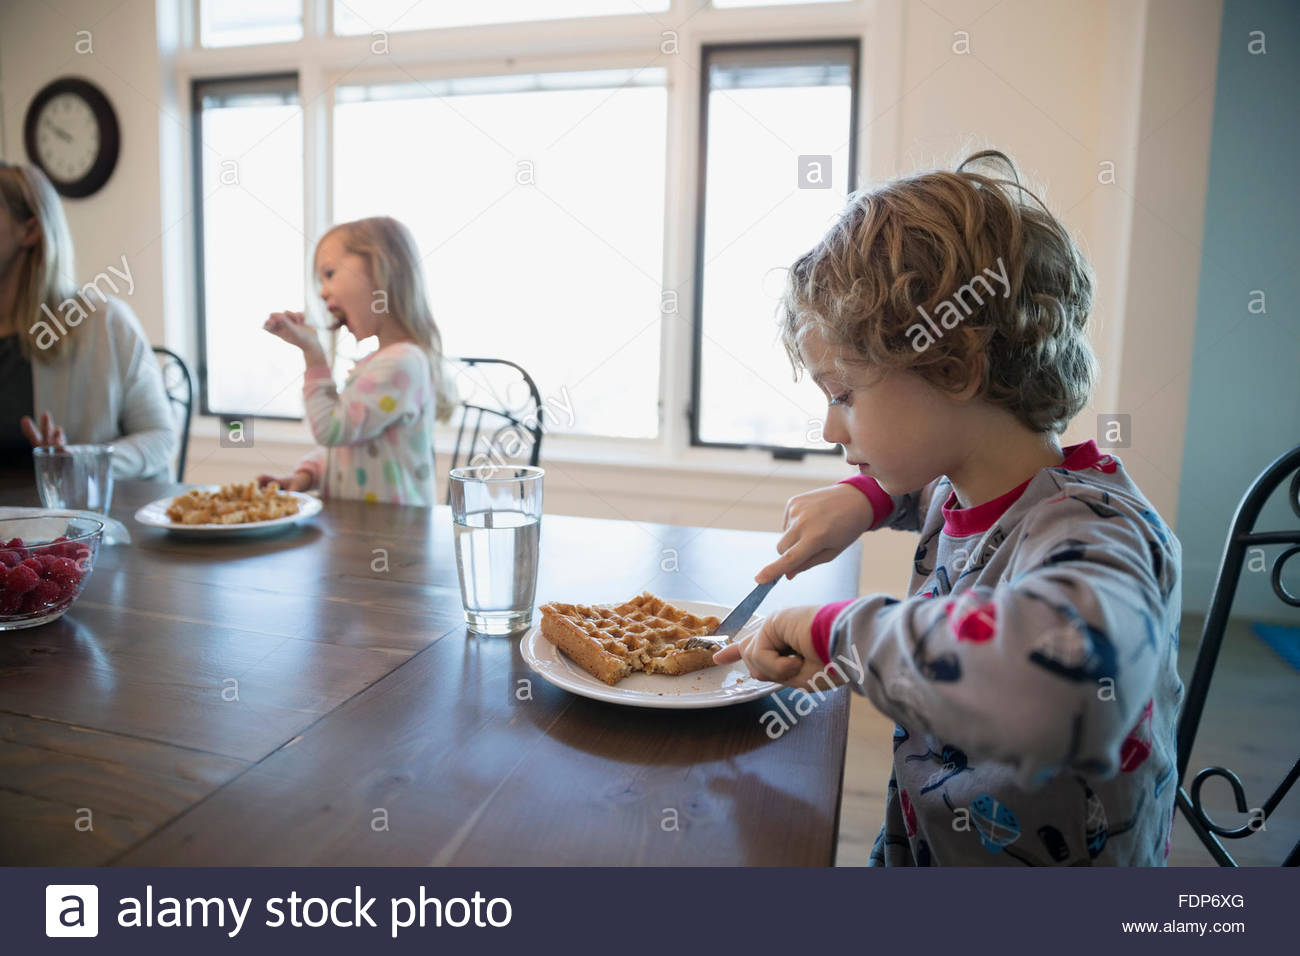 Ragazzo di mangiare waffle al tavolo per la colazione Immagini Stock